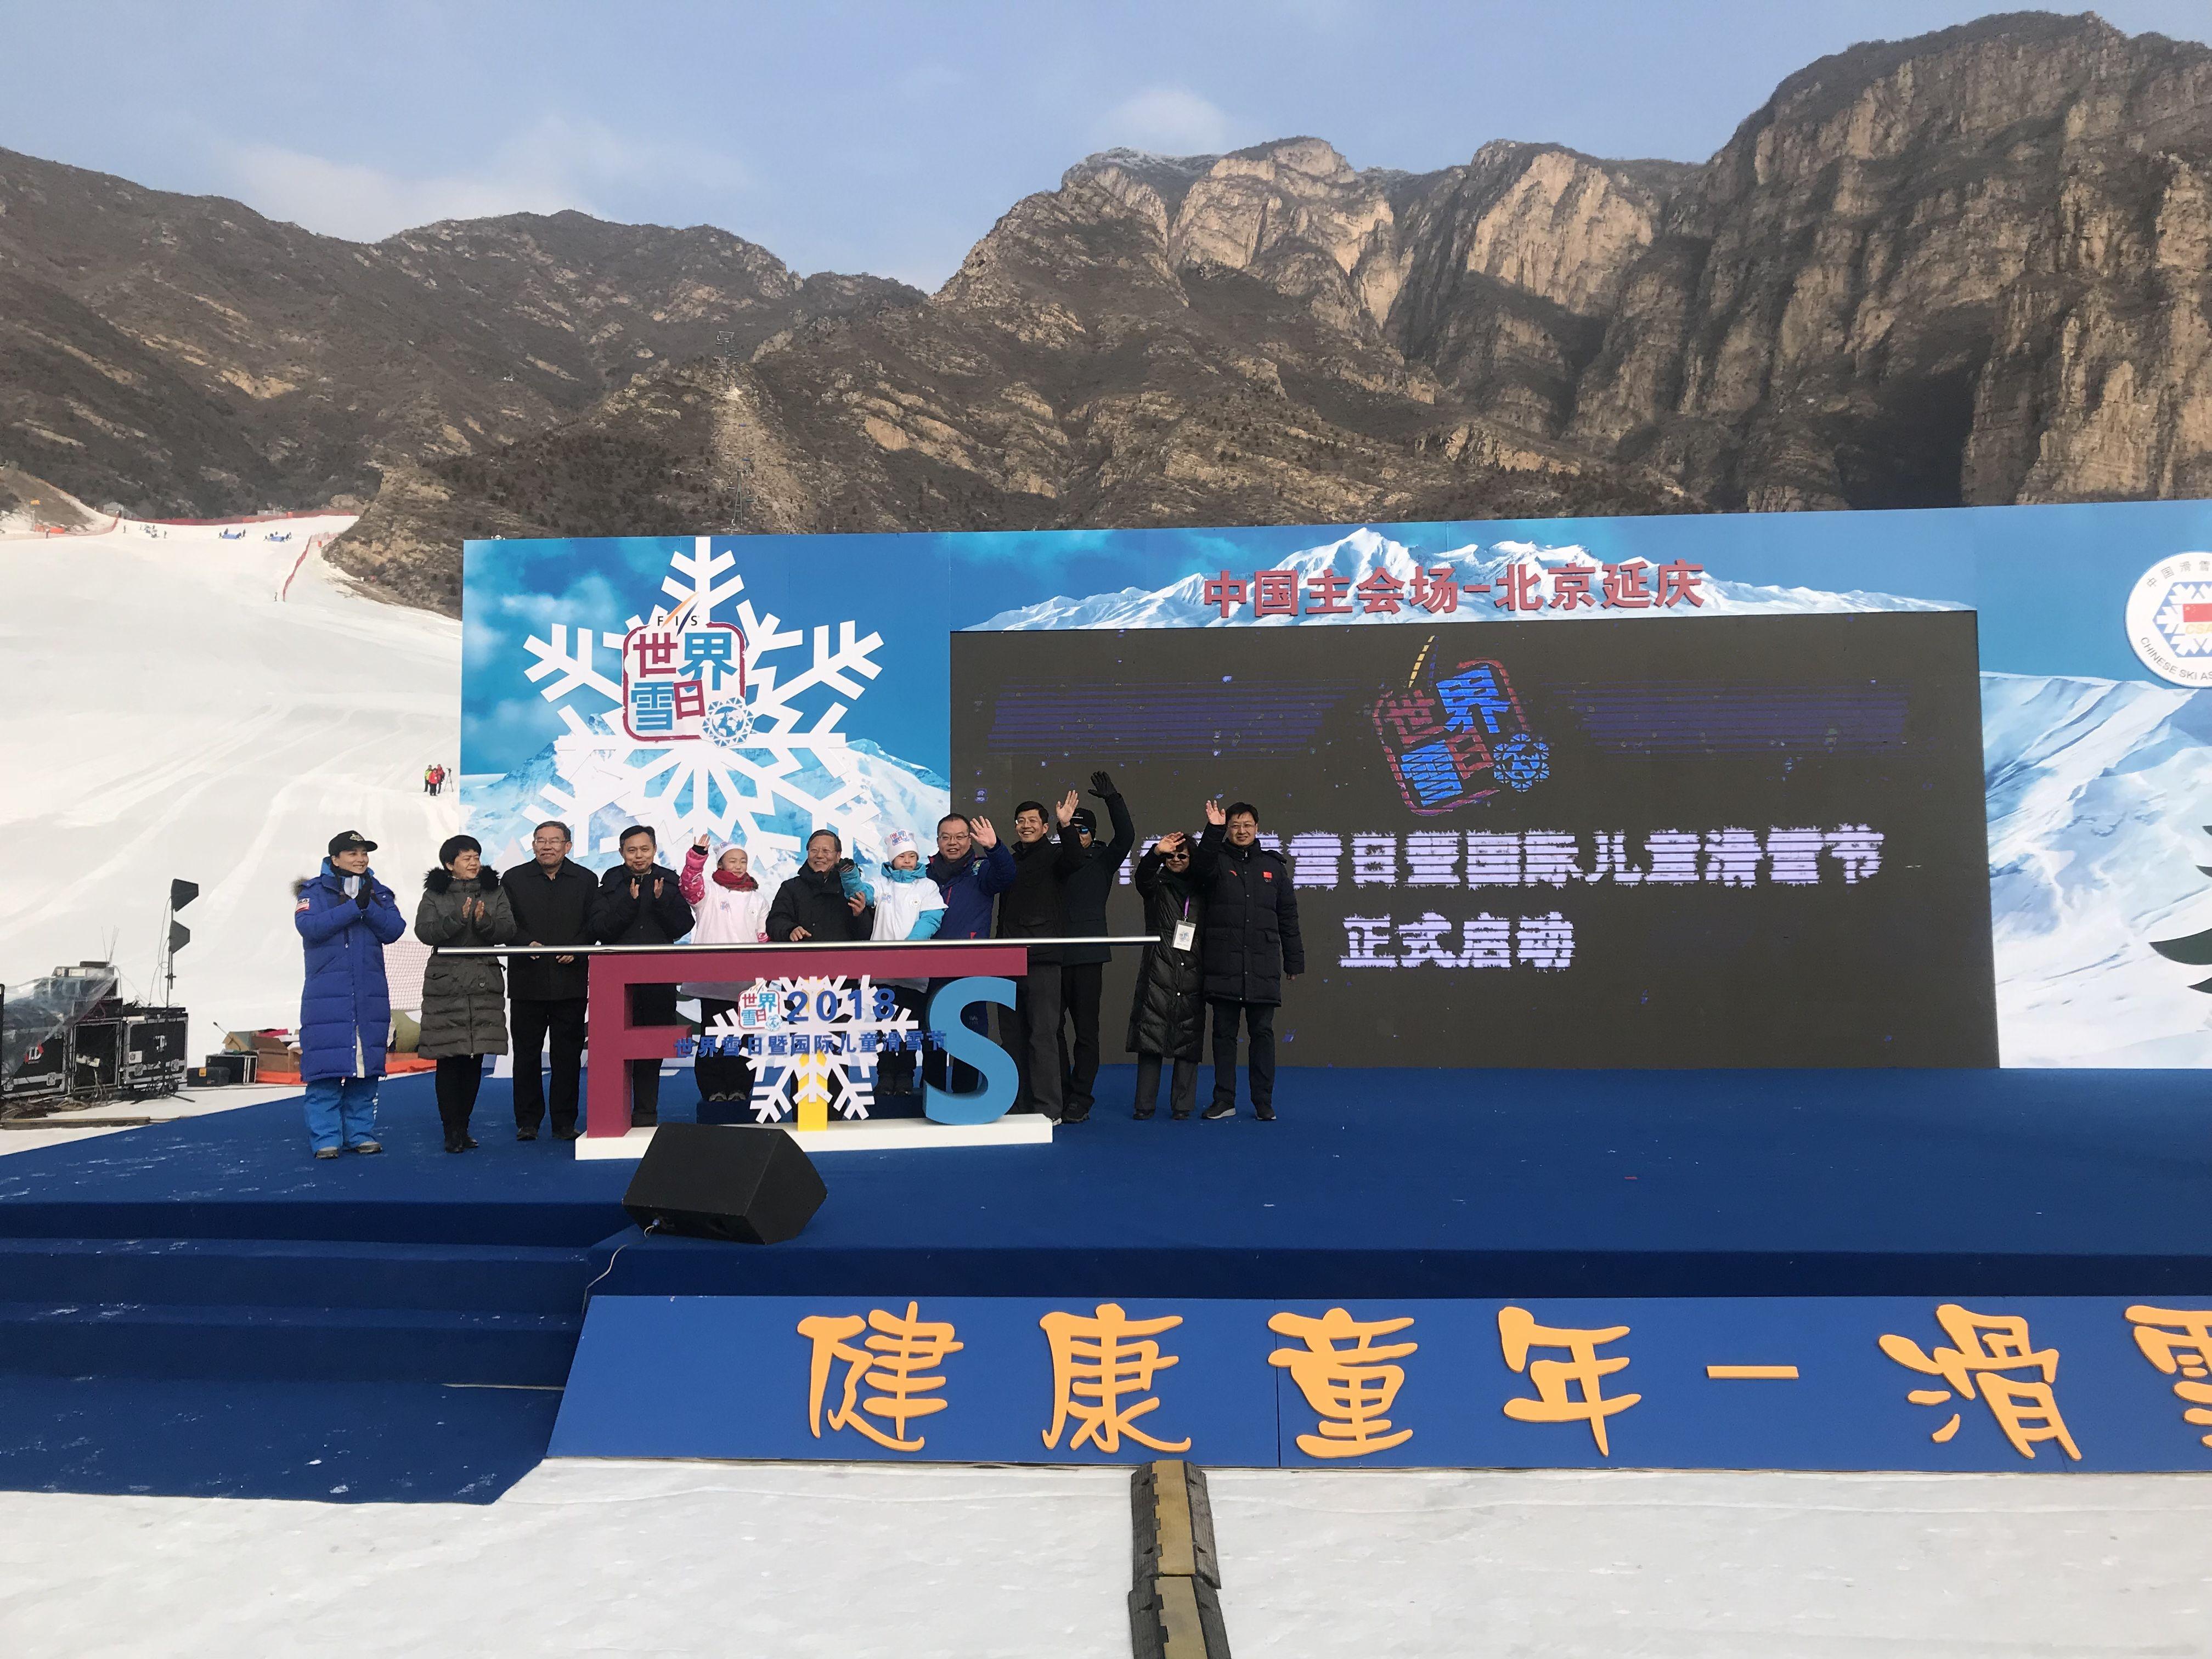 2018世界雪日暨国际儿童滑雪节中国主会场活动延庆举行